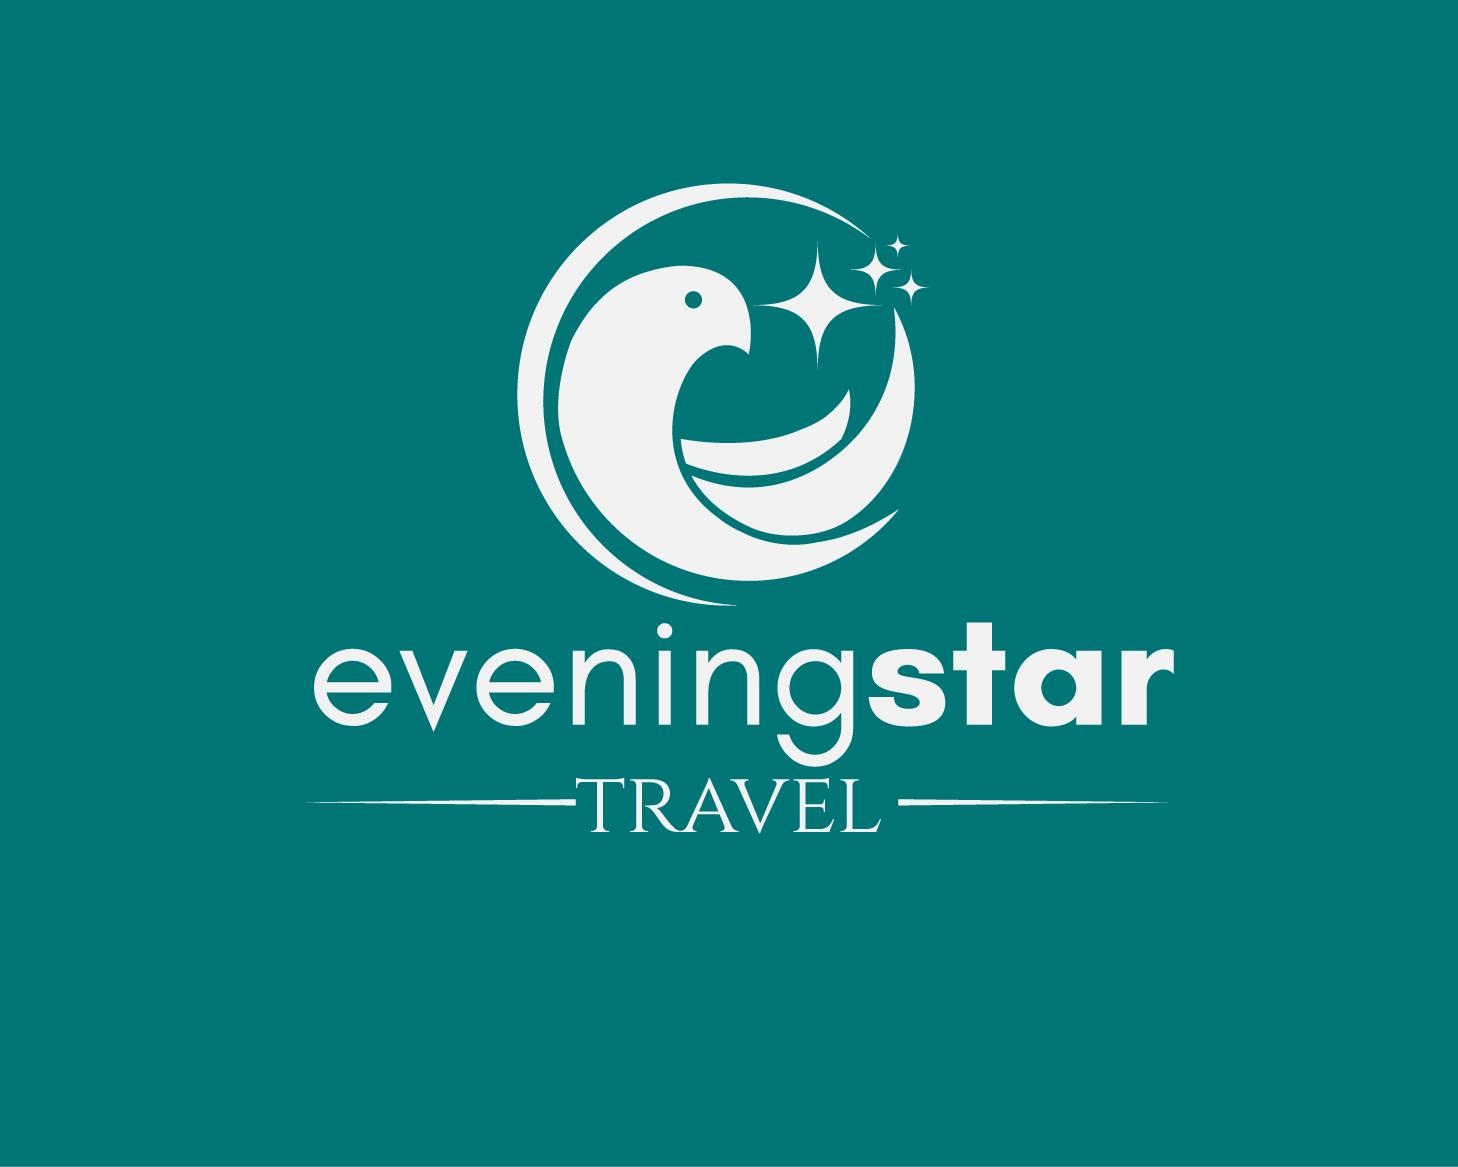 Eveningstar Travel